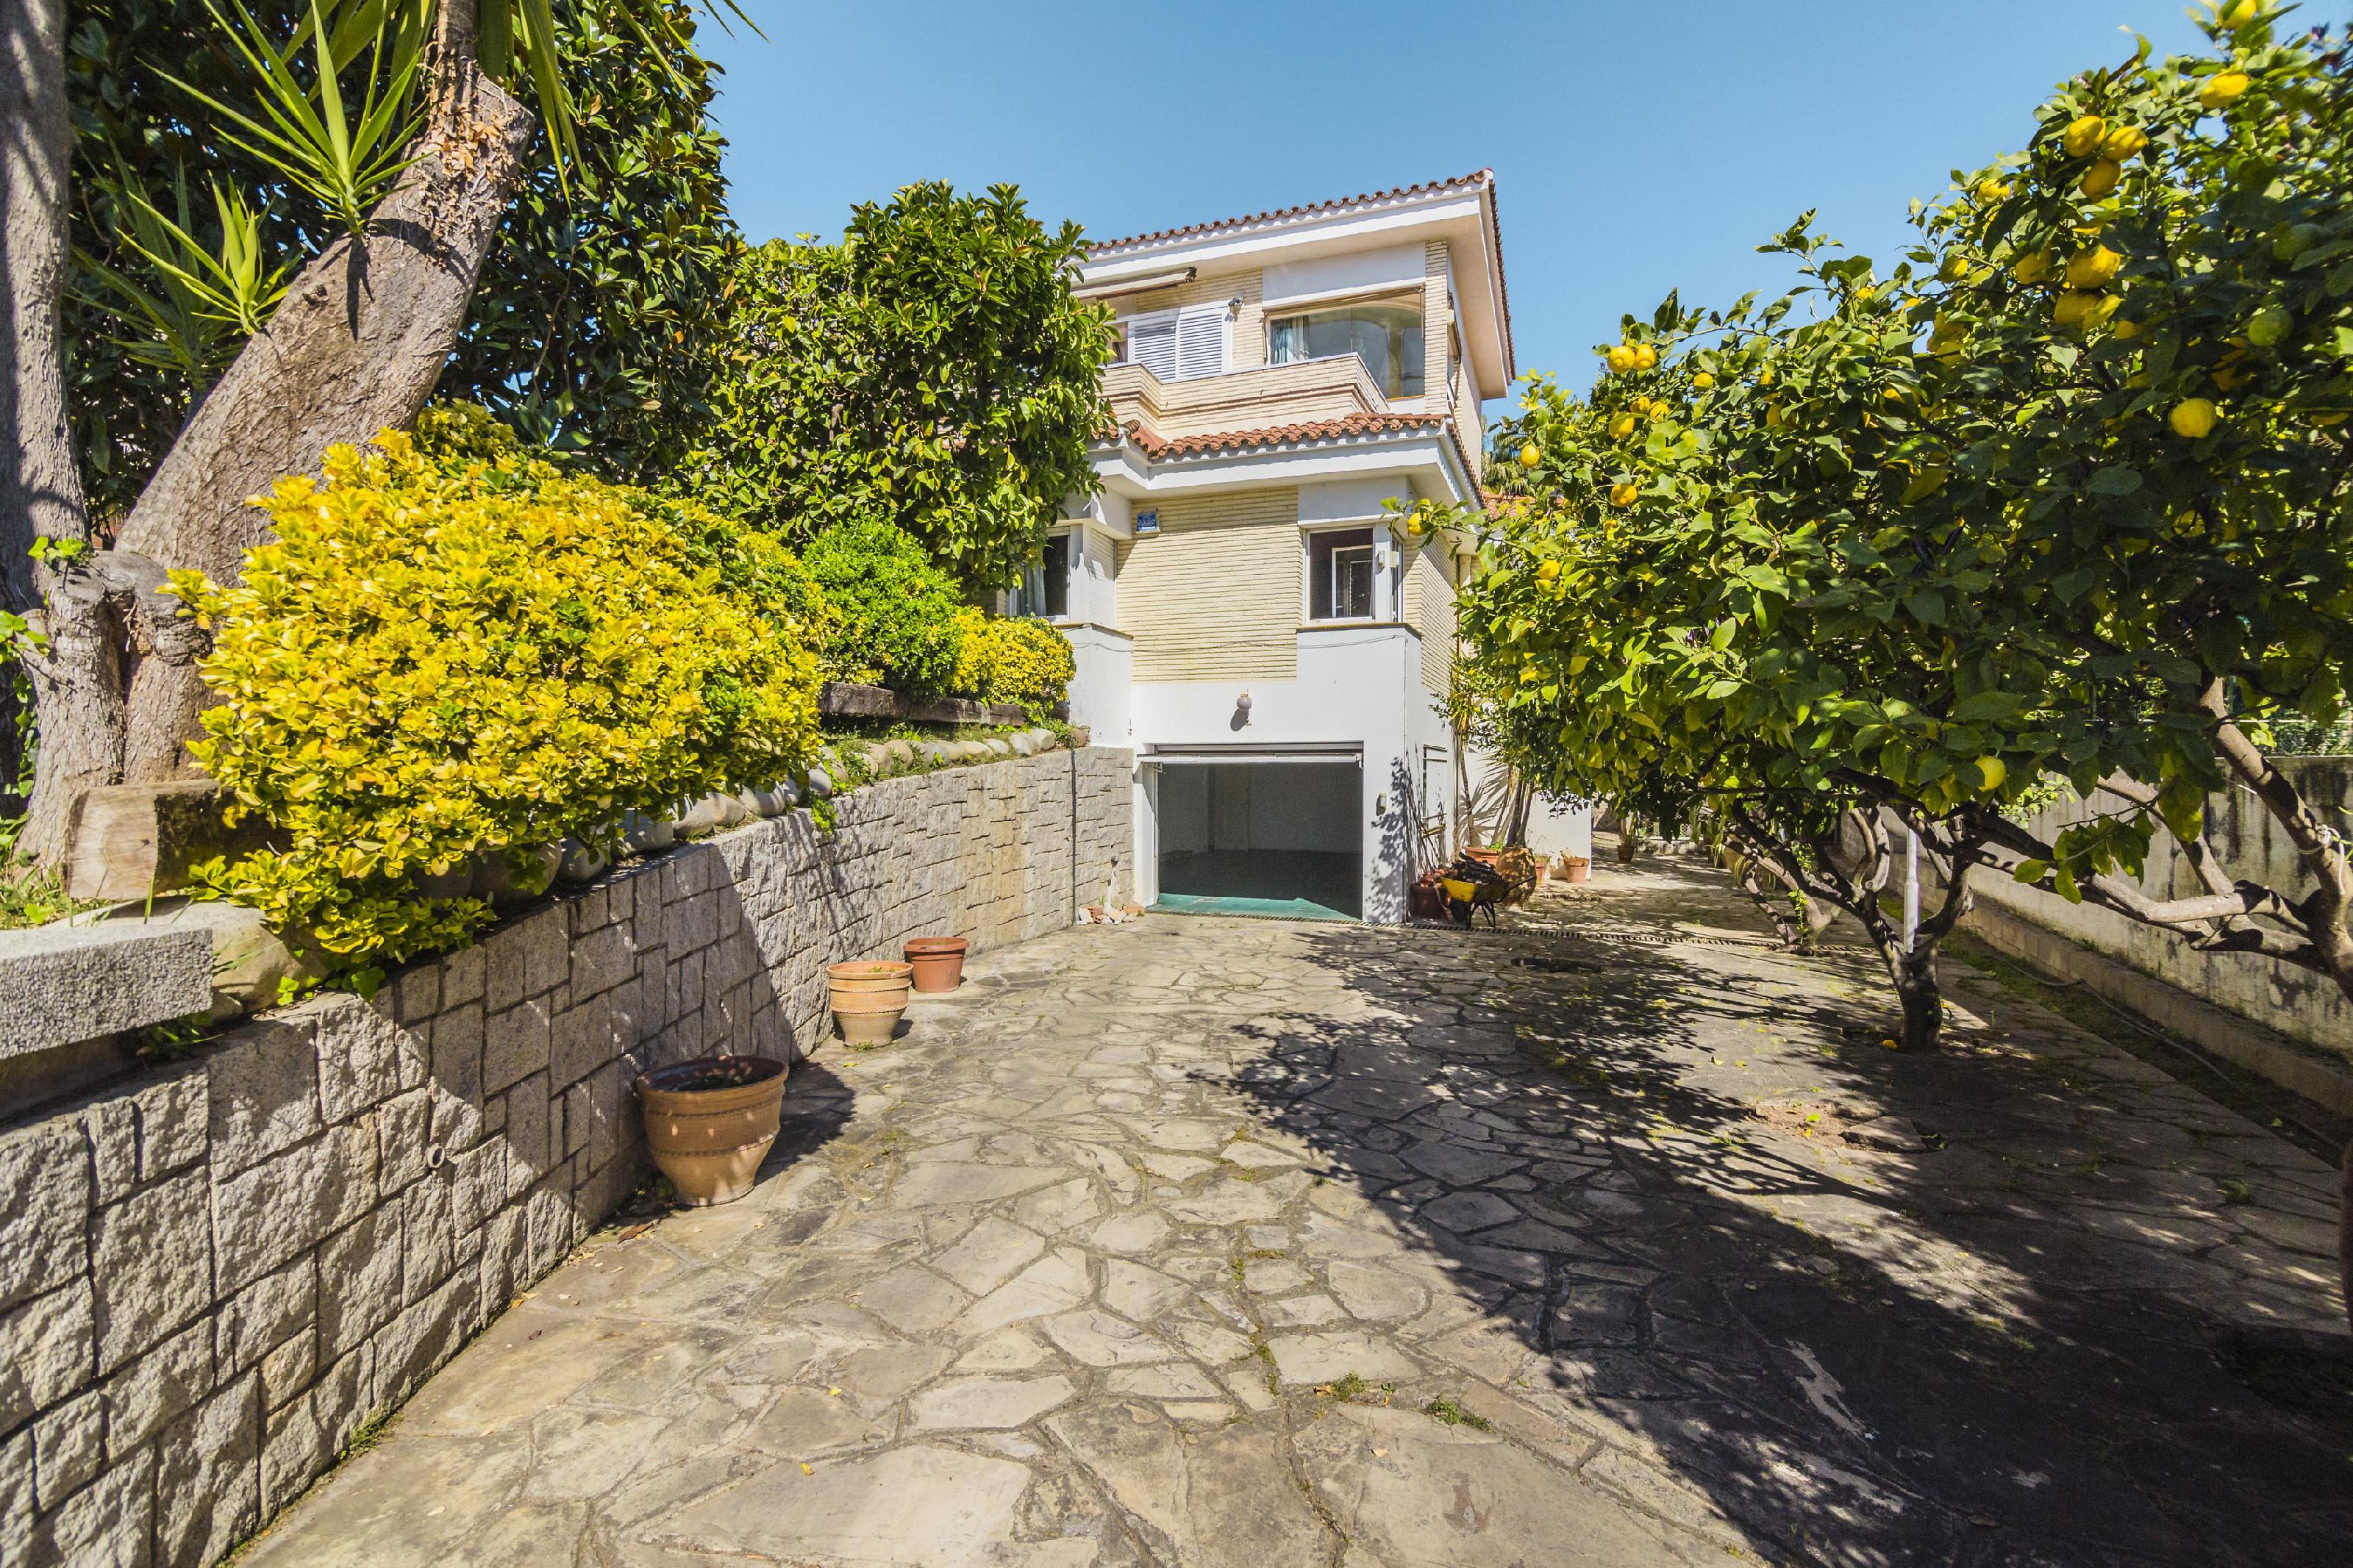 222464 Detached House for sale in Masnou (El) 21